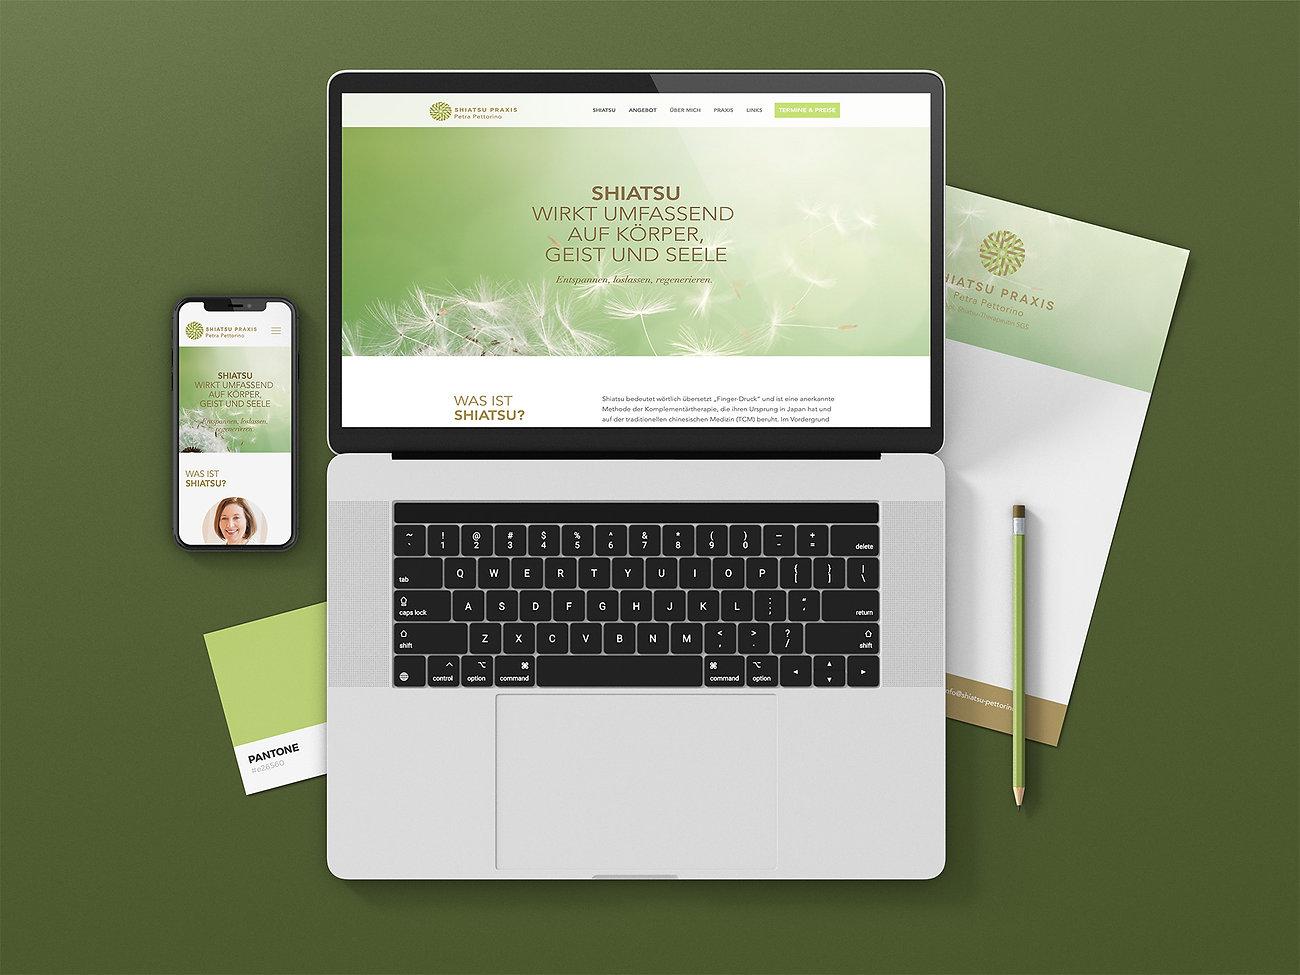 Webdesign, Branding Shiatsu Praxis Pettorino Schweiz, Designstudio Lohrer, Grafikdesign, Webdesign, Werbung, Werbeagentur, Nürnberg, Fürth, Corporate Design, Branding, Markenentwicklung, Markenstrategie, Logodesign, Verpackungsdesign, Geschäftsausstattung, Flyer, Plakate, Anzeigen, Design für Print und digitale Medien